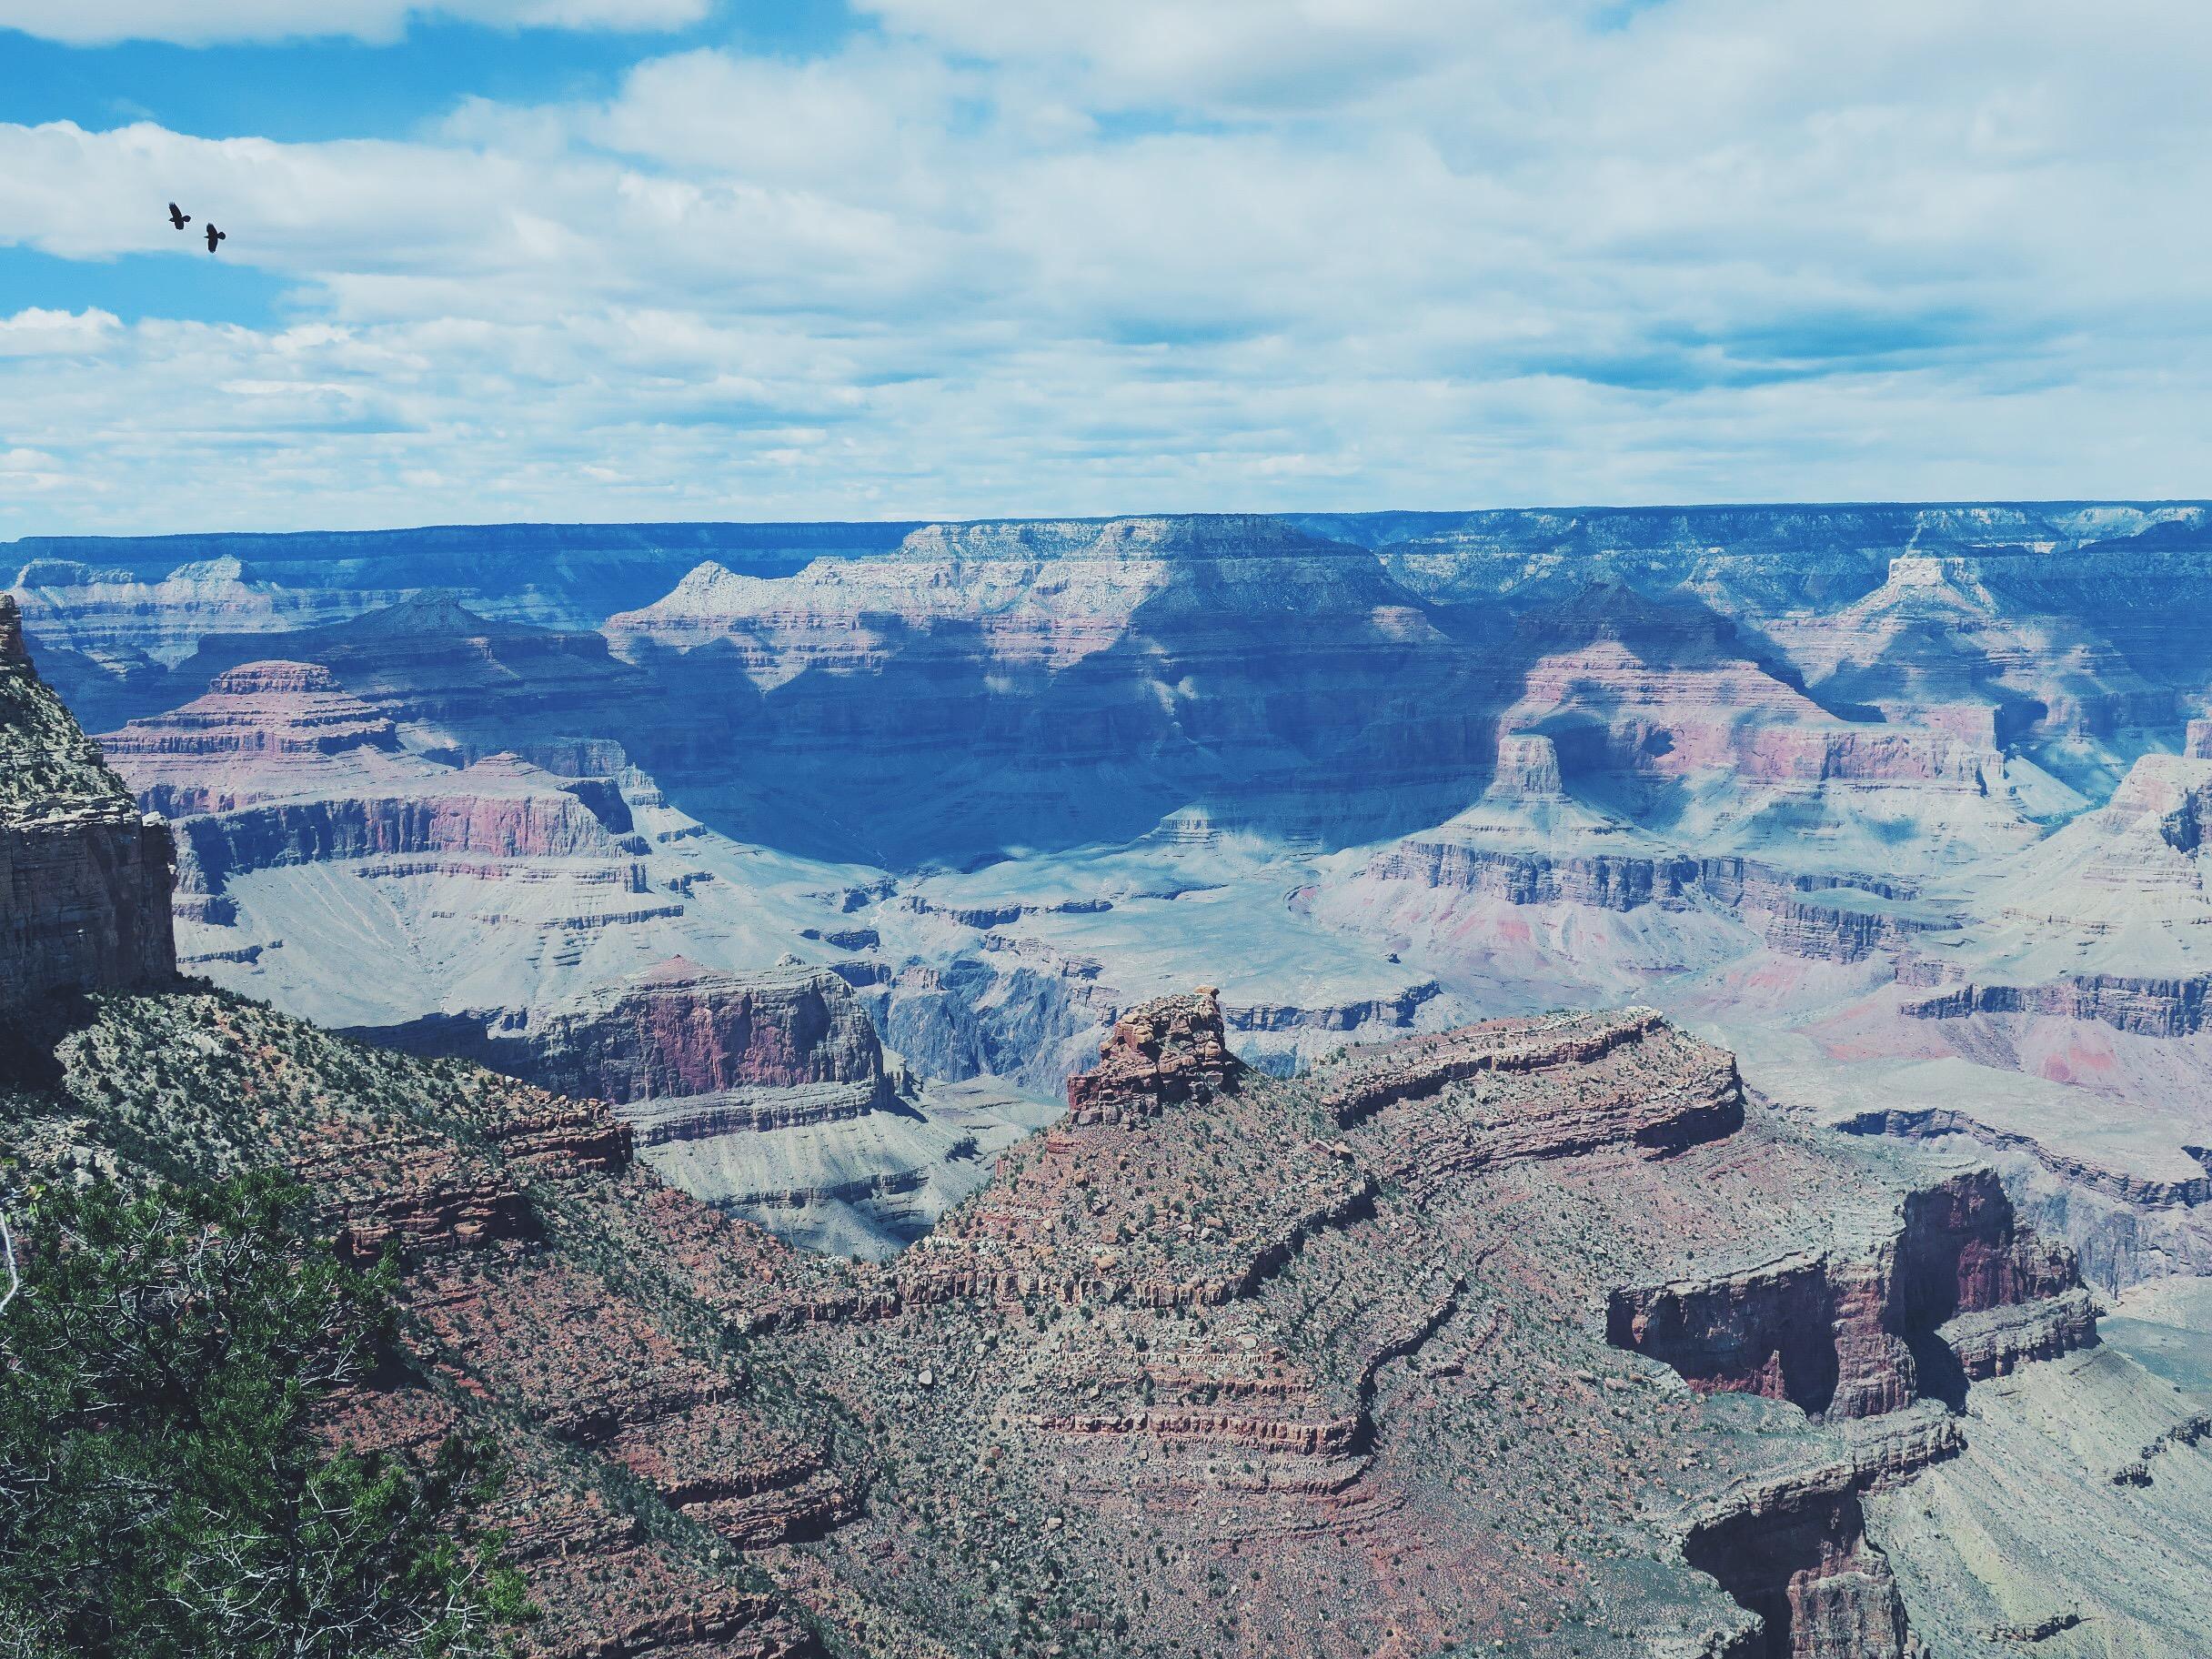 Rim Trail, Grand Canyon South Rim